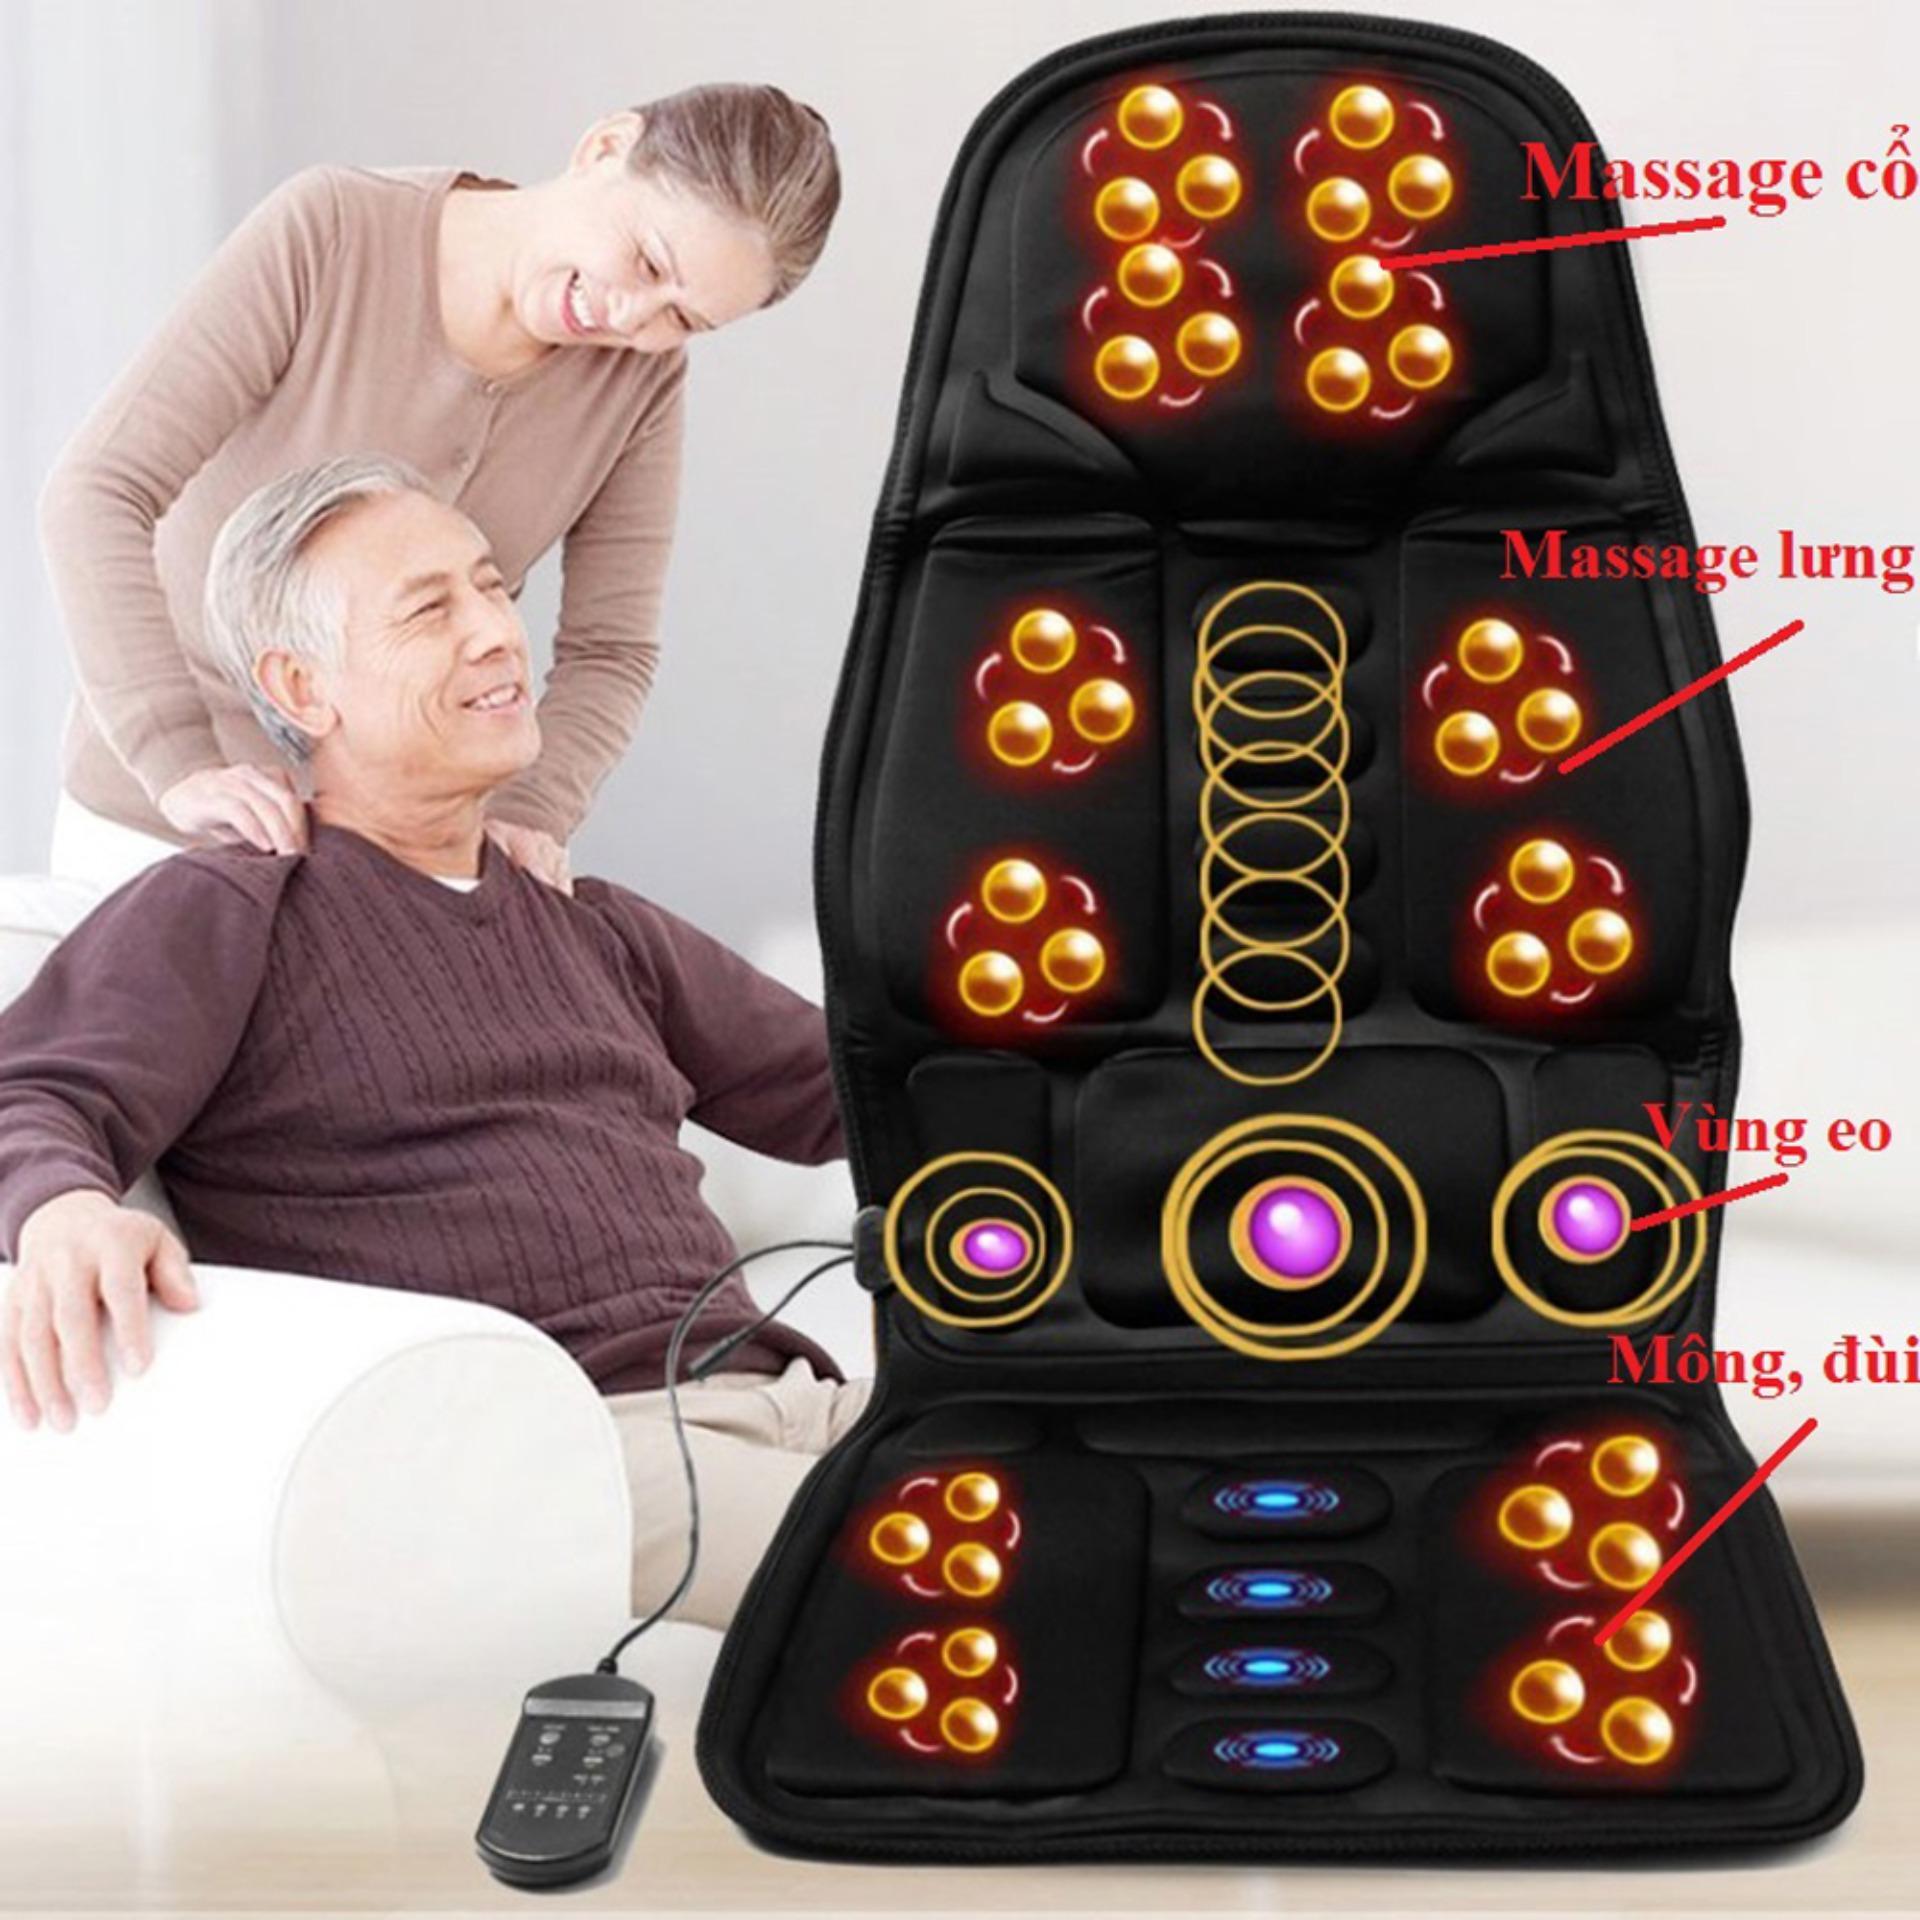 Ghế Massage, Đệm Massage Toàn Thân Mua Ngay Đệm Ghế Masage Hong Ngoai Cao Cấp Bảo Hành Uy Tín Lỗi 1 Đổi 1 SALE 50%